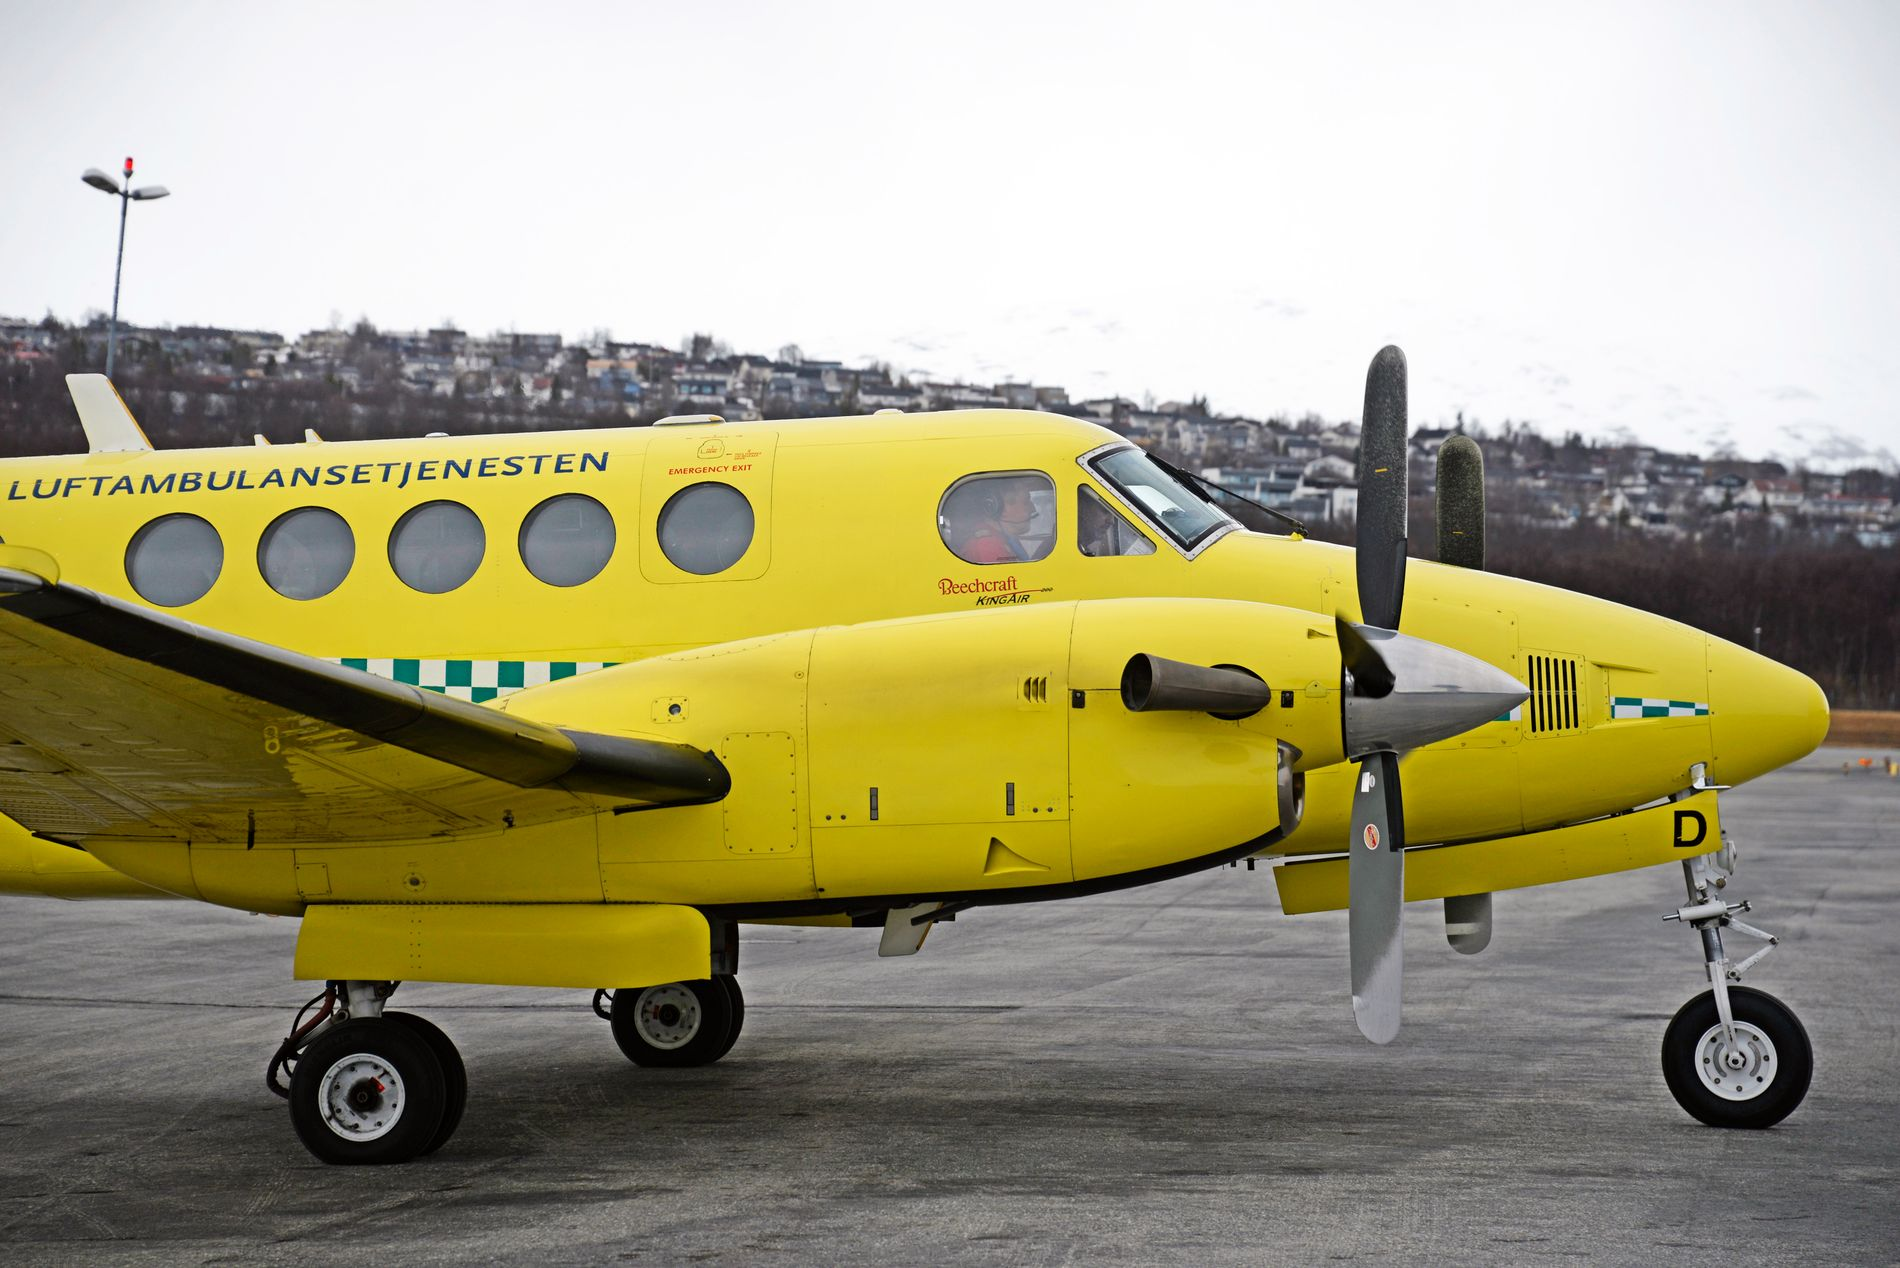 OPPOSISJONEN GÅR SAMMEN: De rødgrønne partiene på Stortinget går sammen om å kreve at kontrakten med den nye ambulansefly-operatøren Babcock brytes, og at Lufttransport, som eier flyet på bildet, får fortsette på ubestemt tid.